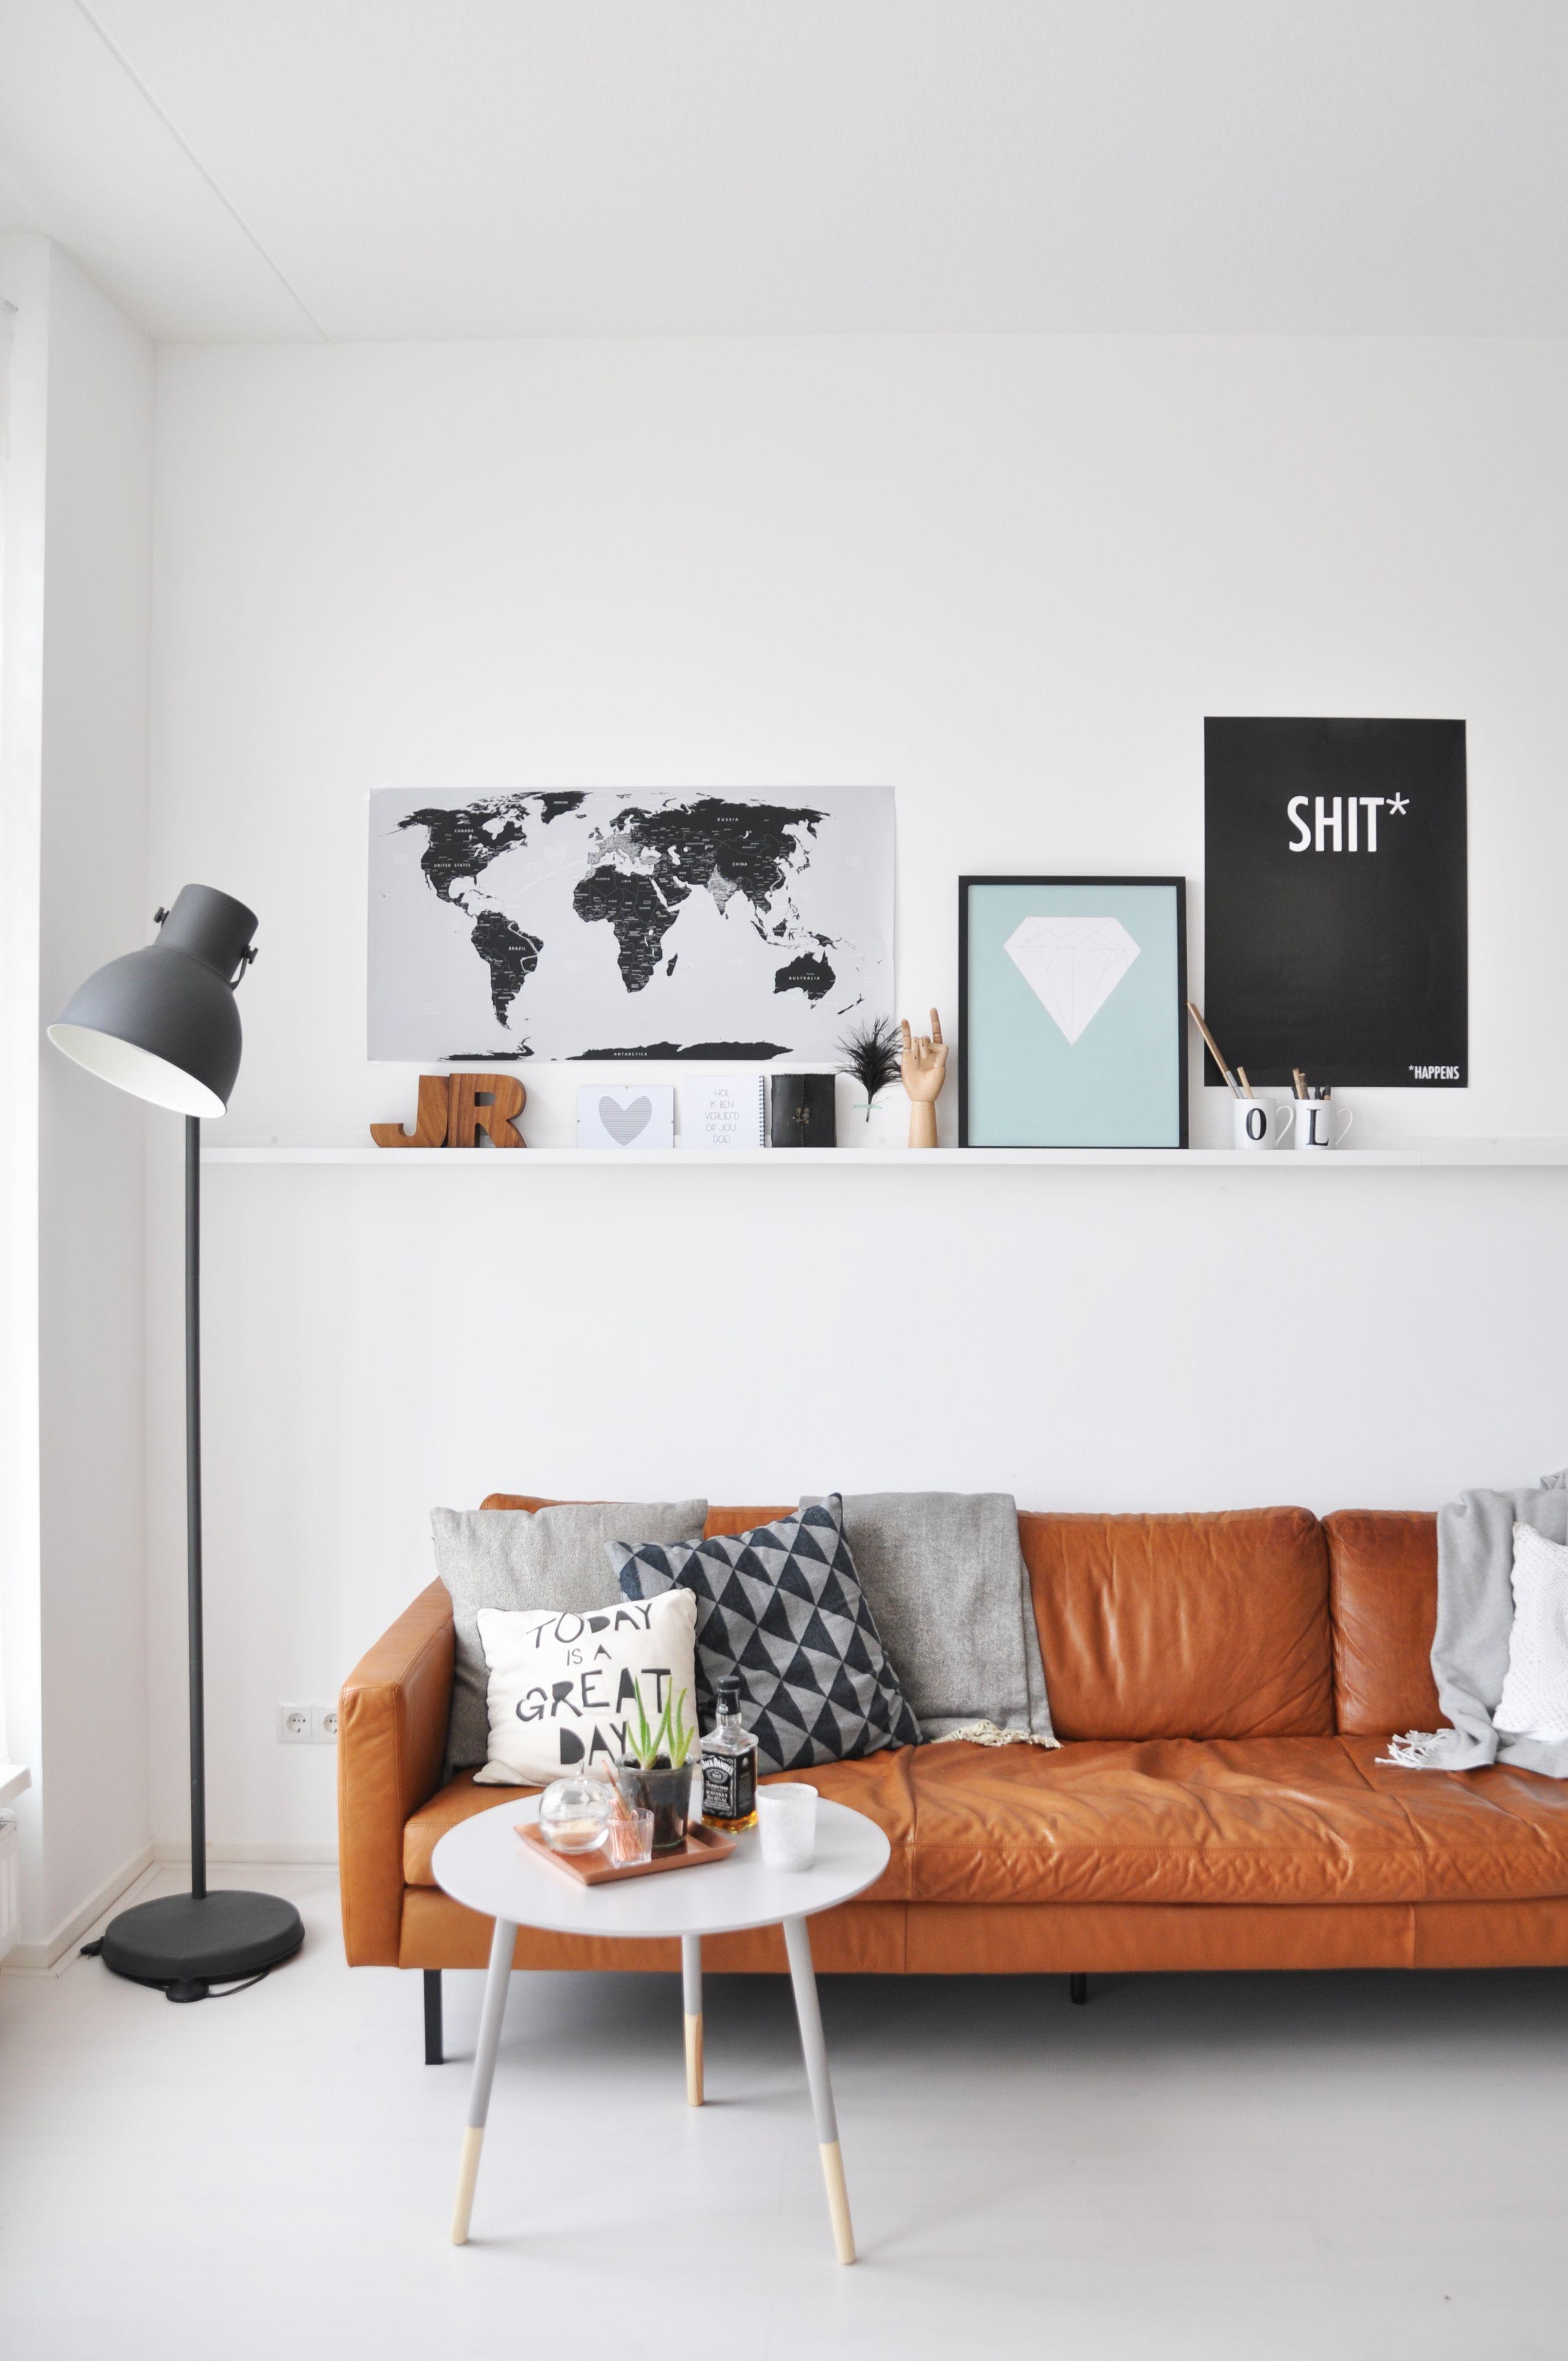 Cognackleurige Leren Bank.Inspiratie Voor Je Woonkamer Vind Je Op Shopinstijl Nl In 2019